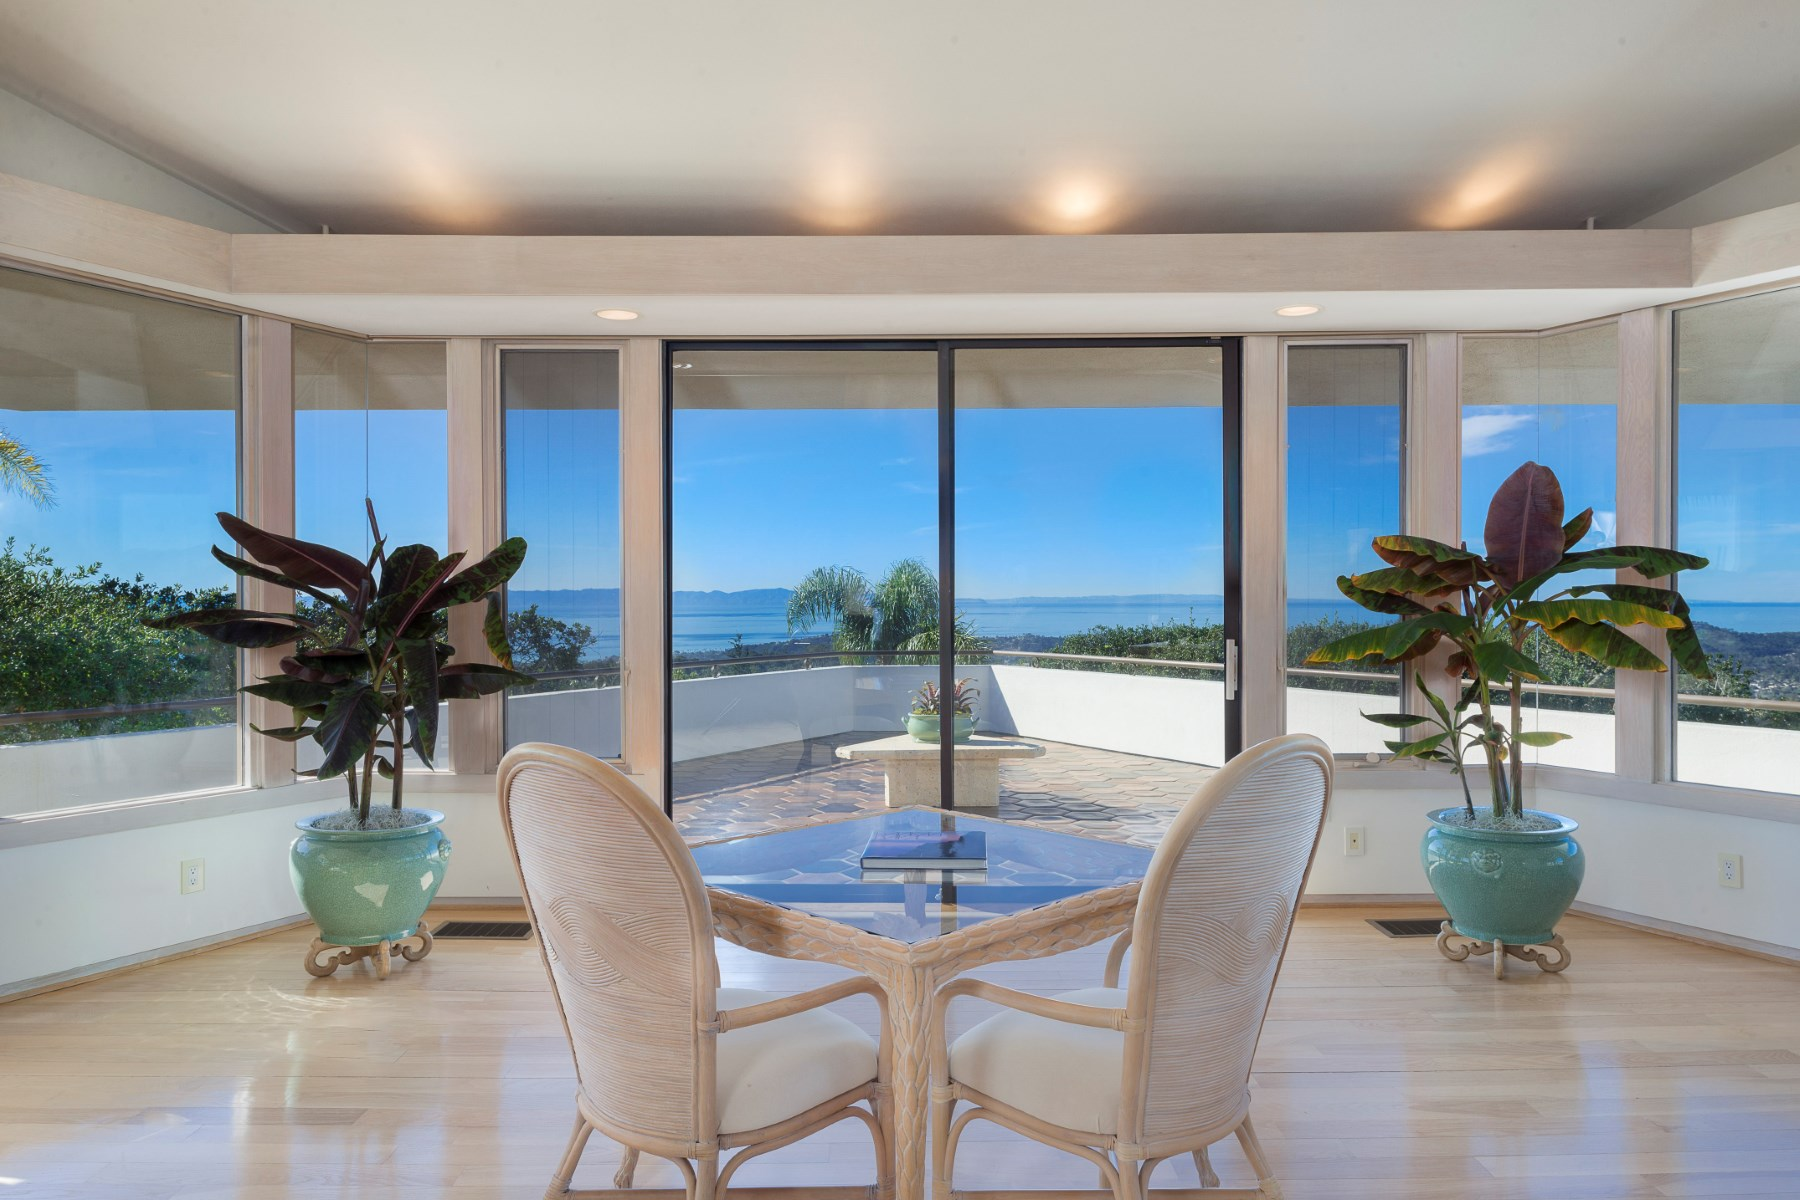 Single Family Home for Sale at 360° Views Santa Barbara 2211 Mount Calvary Road Santa Barbara, California 93105 United States